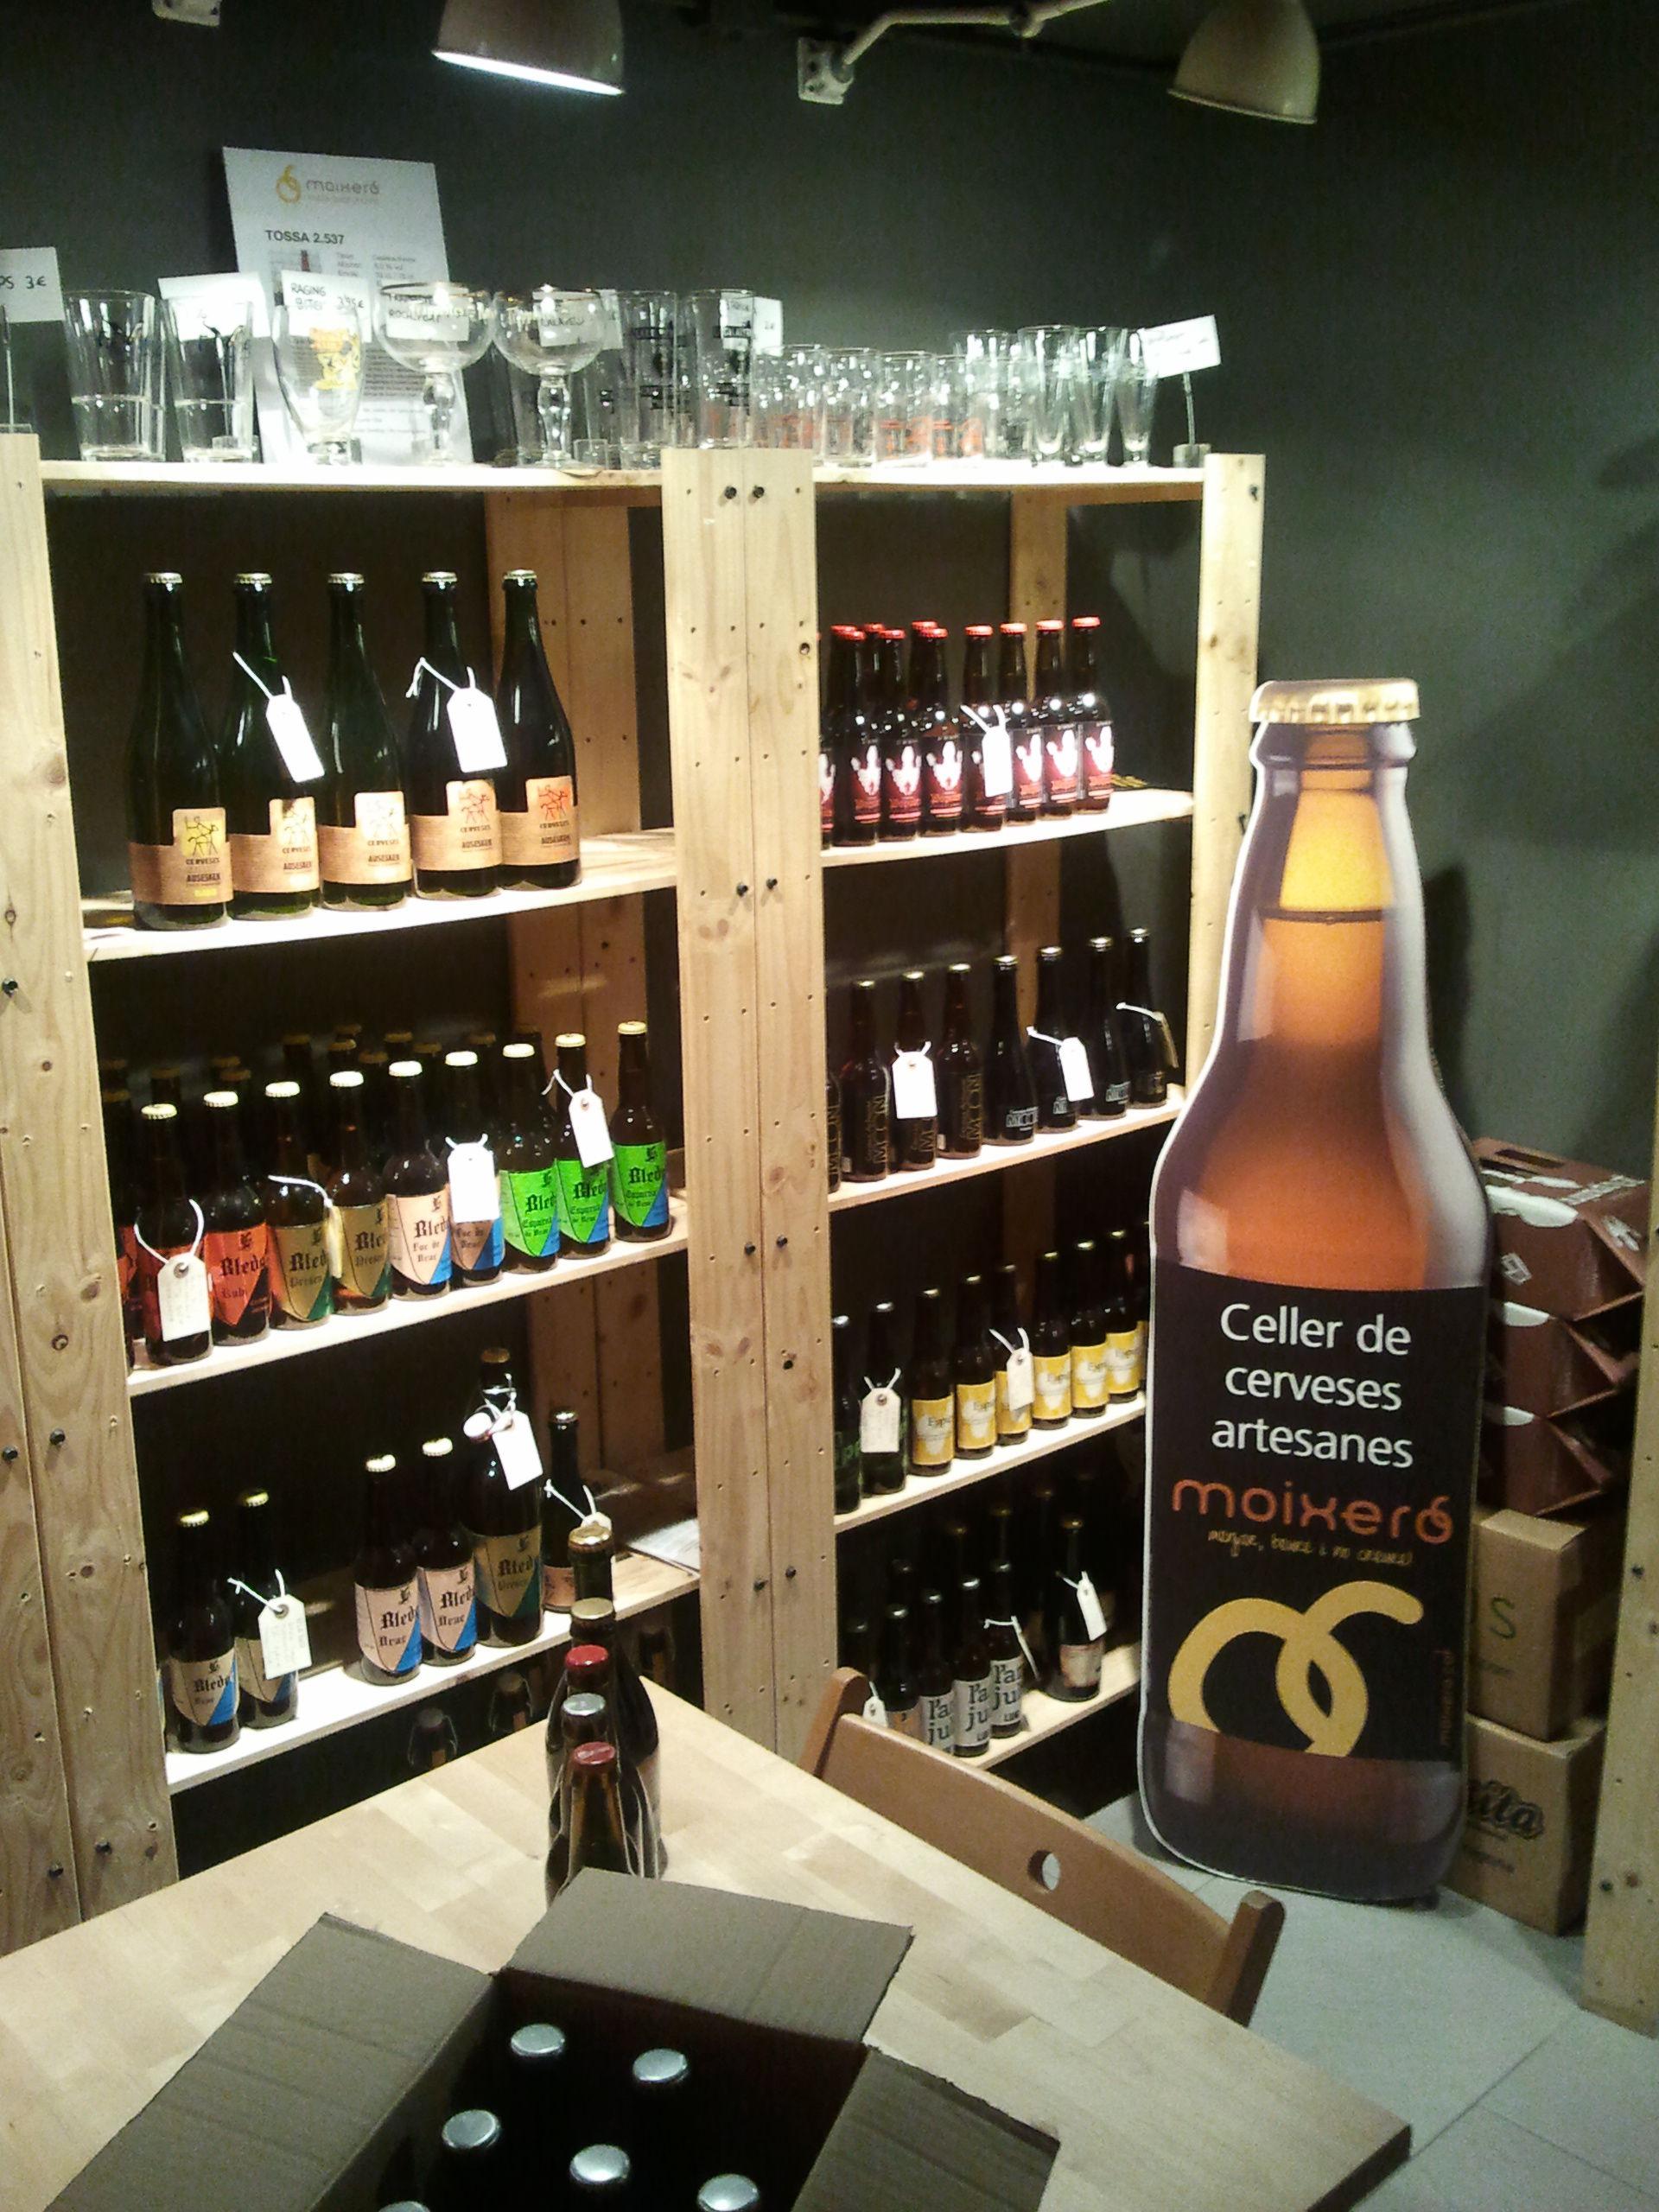 celler cerveses artesanes Moixeró